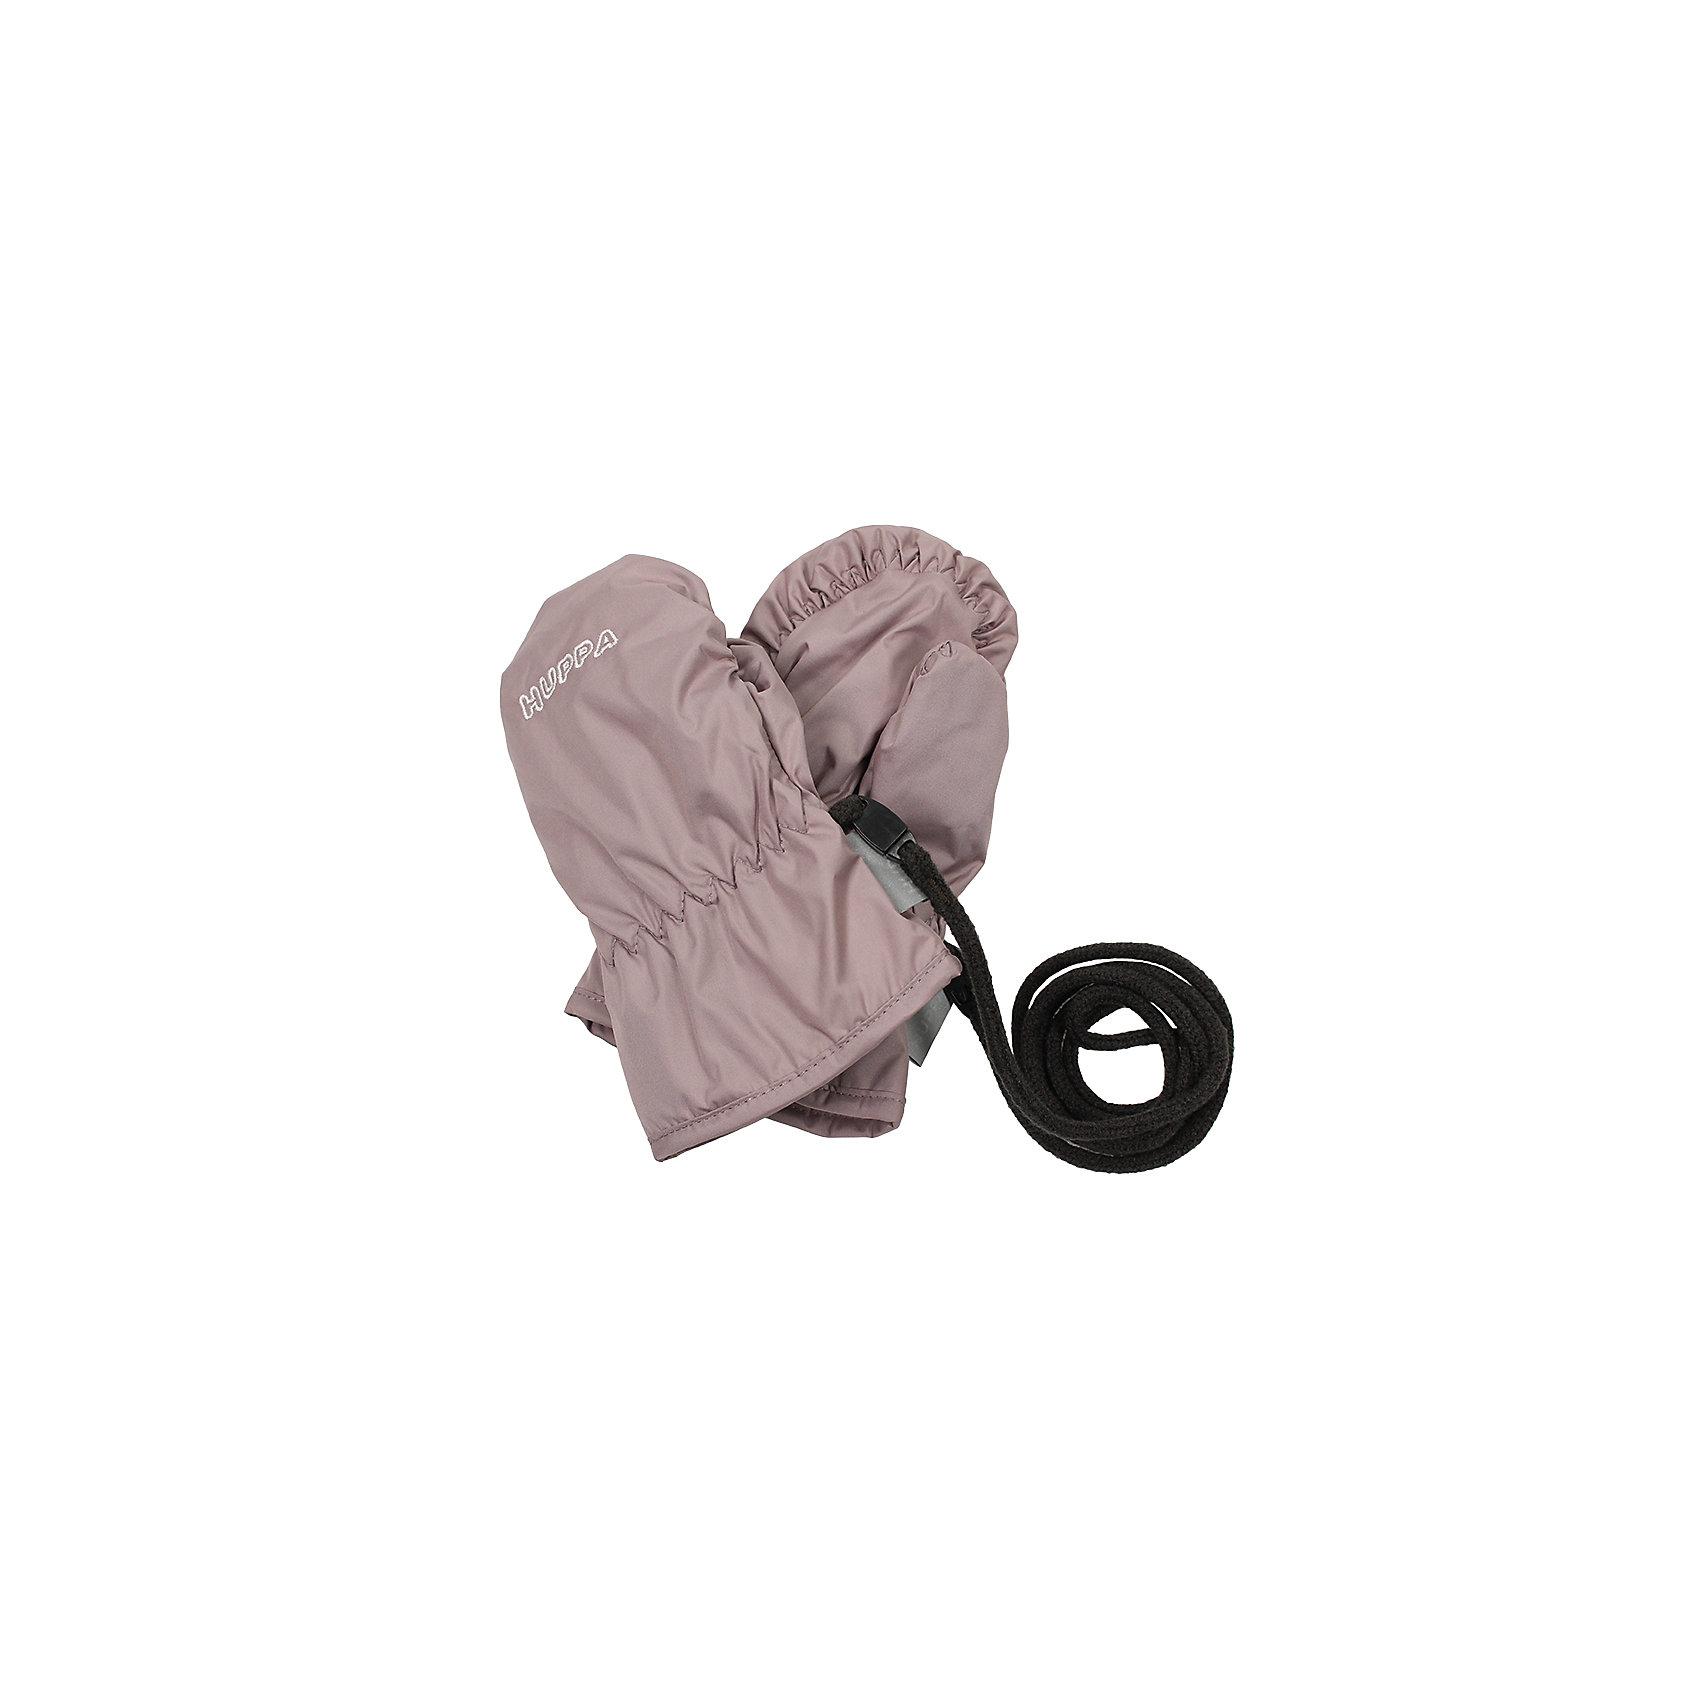 Рукавицы HuppaHuppaTherm 40 грамм<br>Высокотехнологичный лёгкий синтетический утеплитель нового поколения, сохраняет объём и высокую теплоизоляцию изделия, а также легко стирается и быстро сохнет.<br><br>Влагоустойчивая и дышащая ткань 5000/ 5000<br>Мембрана препятствует прохождению воды и ветра сквозь ткань внутрь изделия, позволяя испаряться выделяемой телом, образовывающейся внутри влаге.<br><br>Светоотражательные детали<br>При плохих погодных условиях или в темноте, когда свет падает на одежду, он отражается, делая ребёнка более заметным, уменьшая возможность несчастных случаев.<br><br>Дополнительная информация:<br><br>Температурный режим - от 0С до +10С<br>Материал - 100% полиэстер<br><br>Рукавицы Huppa можно купить в нашем магазине.<br><br>Ширина мм: 162<br>Глубина мм: 171<br>Высота мм: 55<br>Вес г: 119<br>Цвет: бежевый<br>Возраст от месяцев: 12<br>Возраст до месяцев: 24<br>Пол: Унисекс<br>Возраст: Детский<br>Размер: 2,1<br>SKU: 4595712